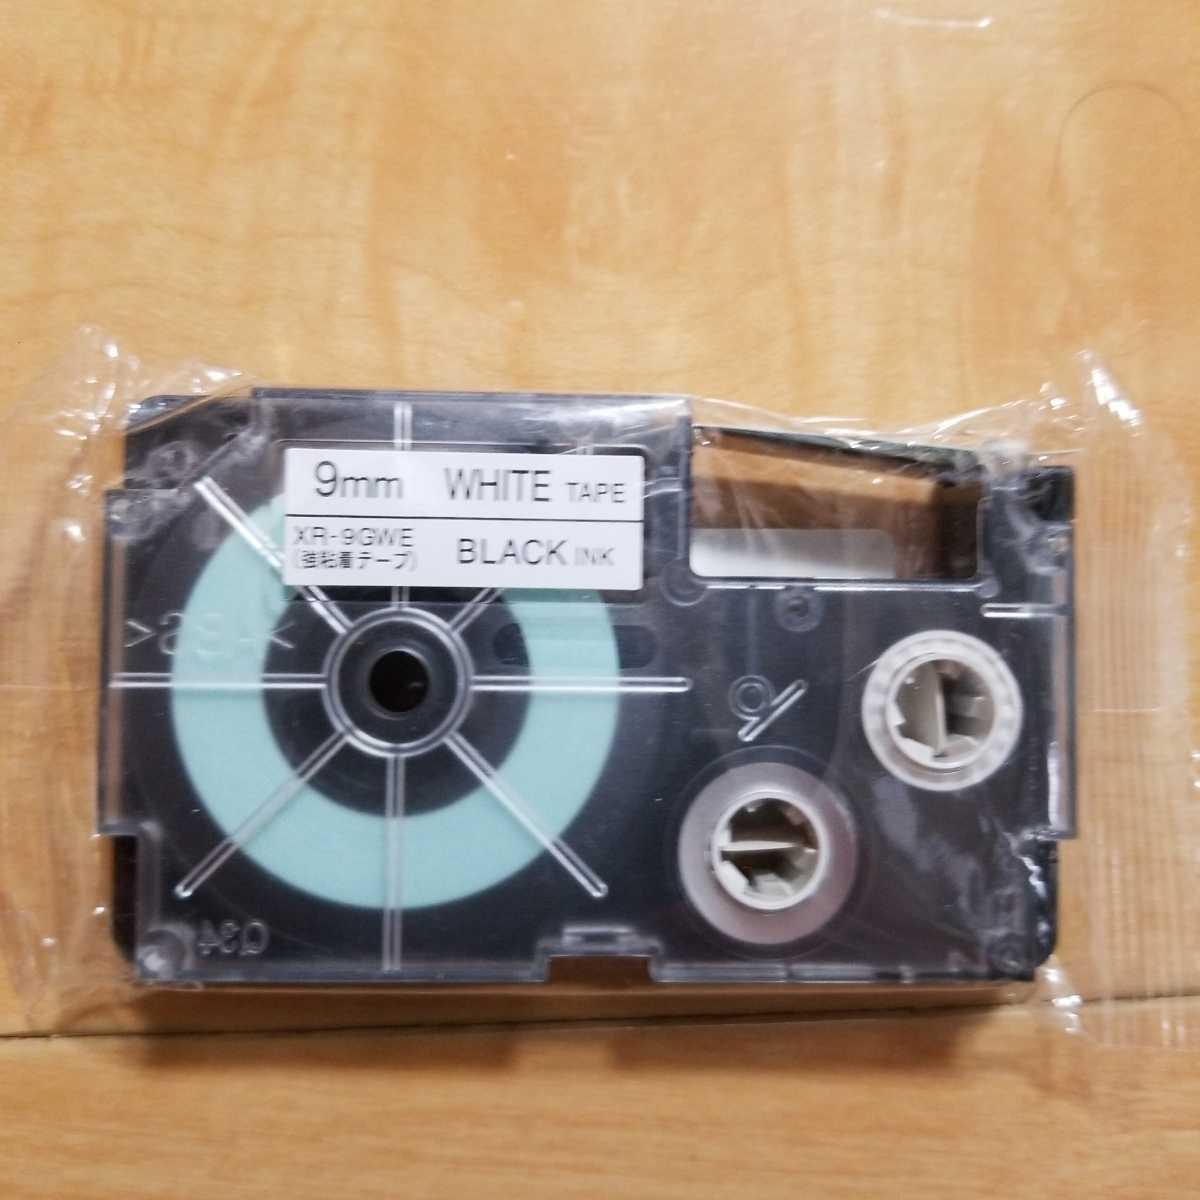 送料無料 白に黒文字 9mm カシオネームランド ネームランド 強粘着テープ 9mm XR-9GWE 白